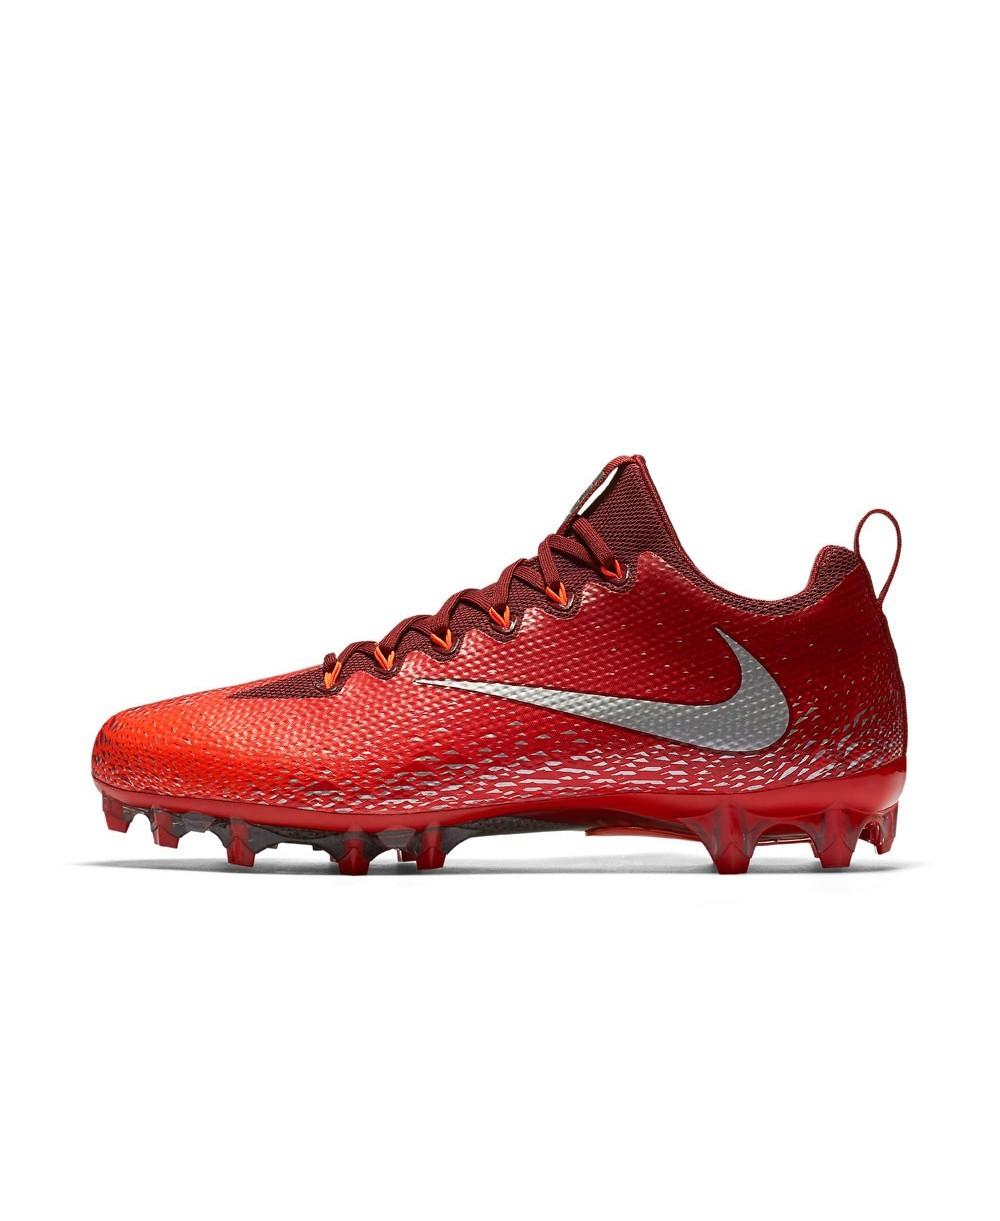 reputable site 3a2c4 52e9b Nike - Crampons de Football Américain pour homme, modele Vapor Untouchable  Pro, couleur Team Red Total Crimson University Red Metallic Silver